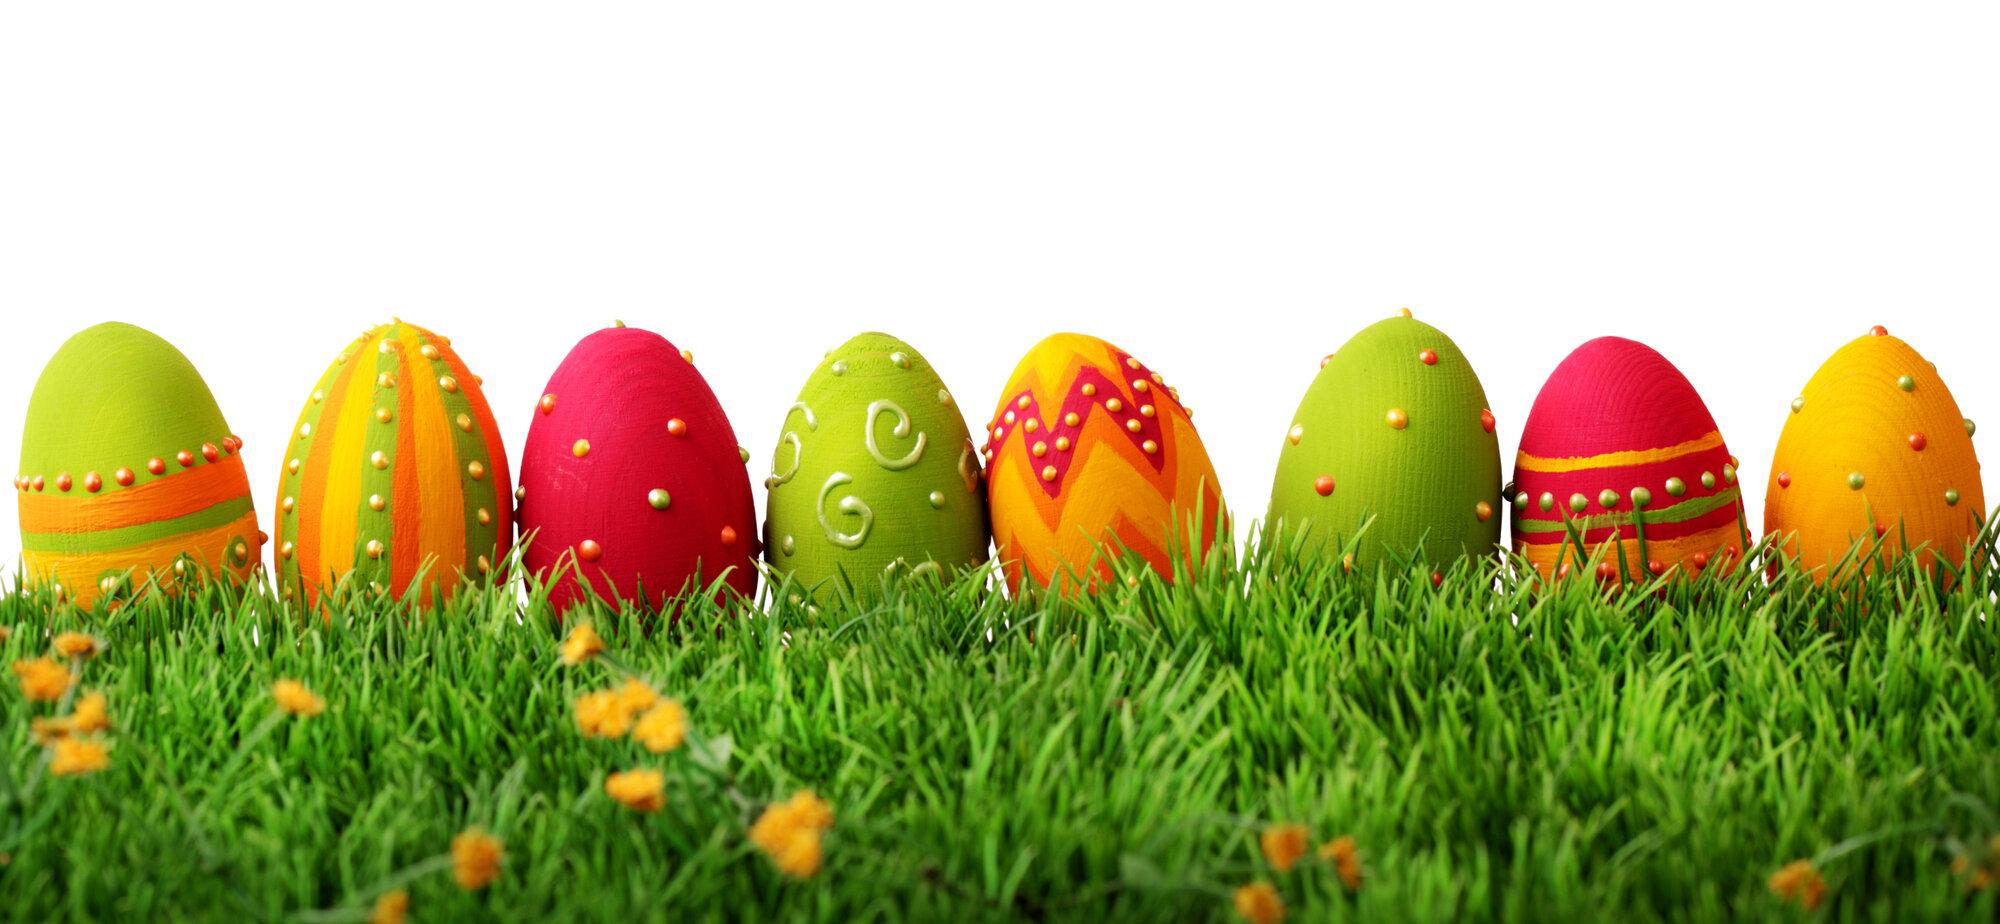 Easter_eggs-21.jpg